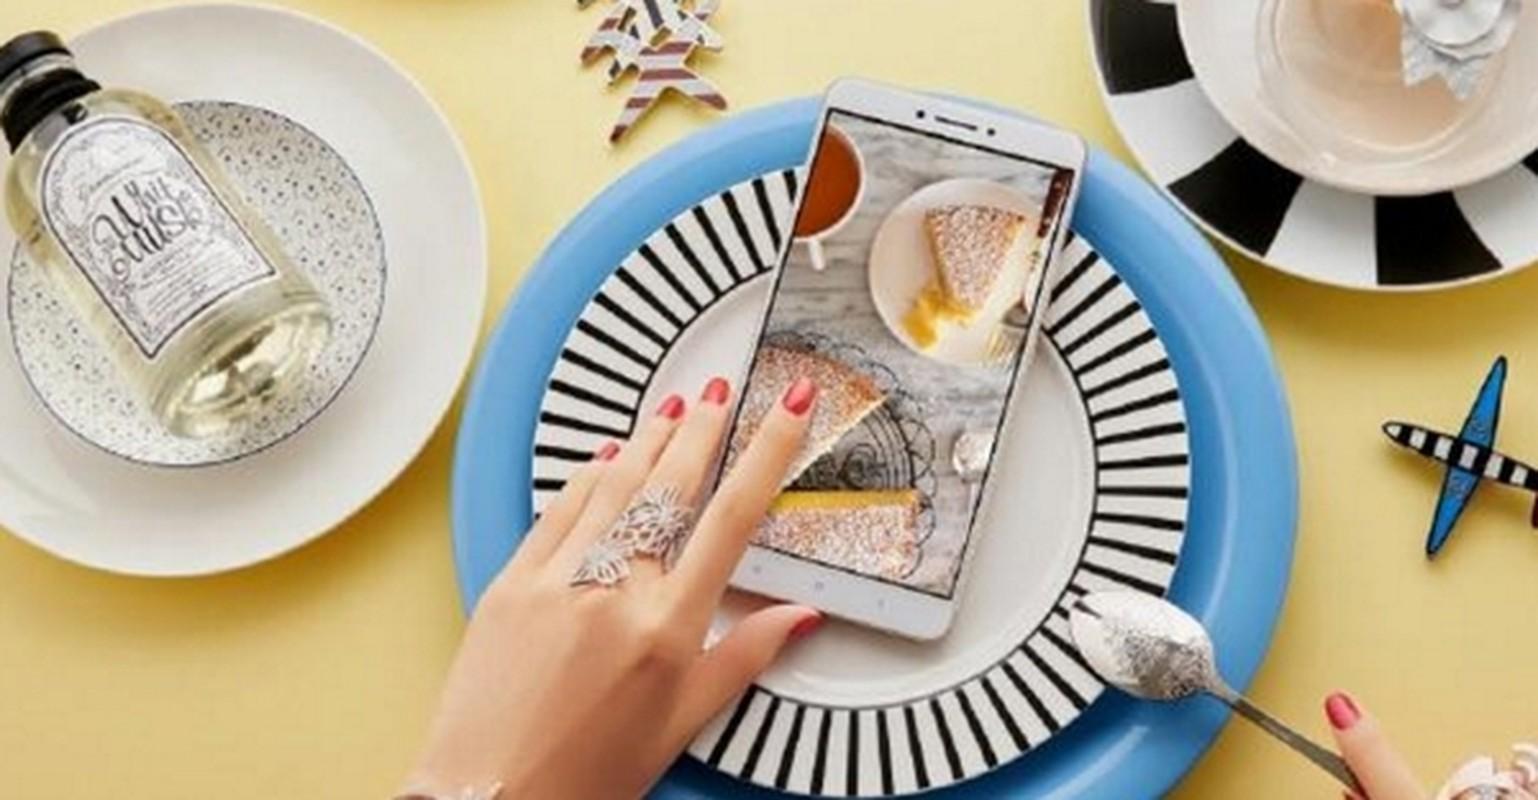 Ngam dien thoai Xiaomi Mi Max 6,44 inch gia hap dan-Hinh-3